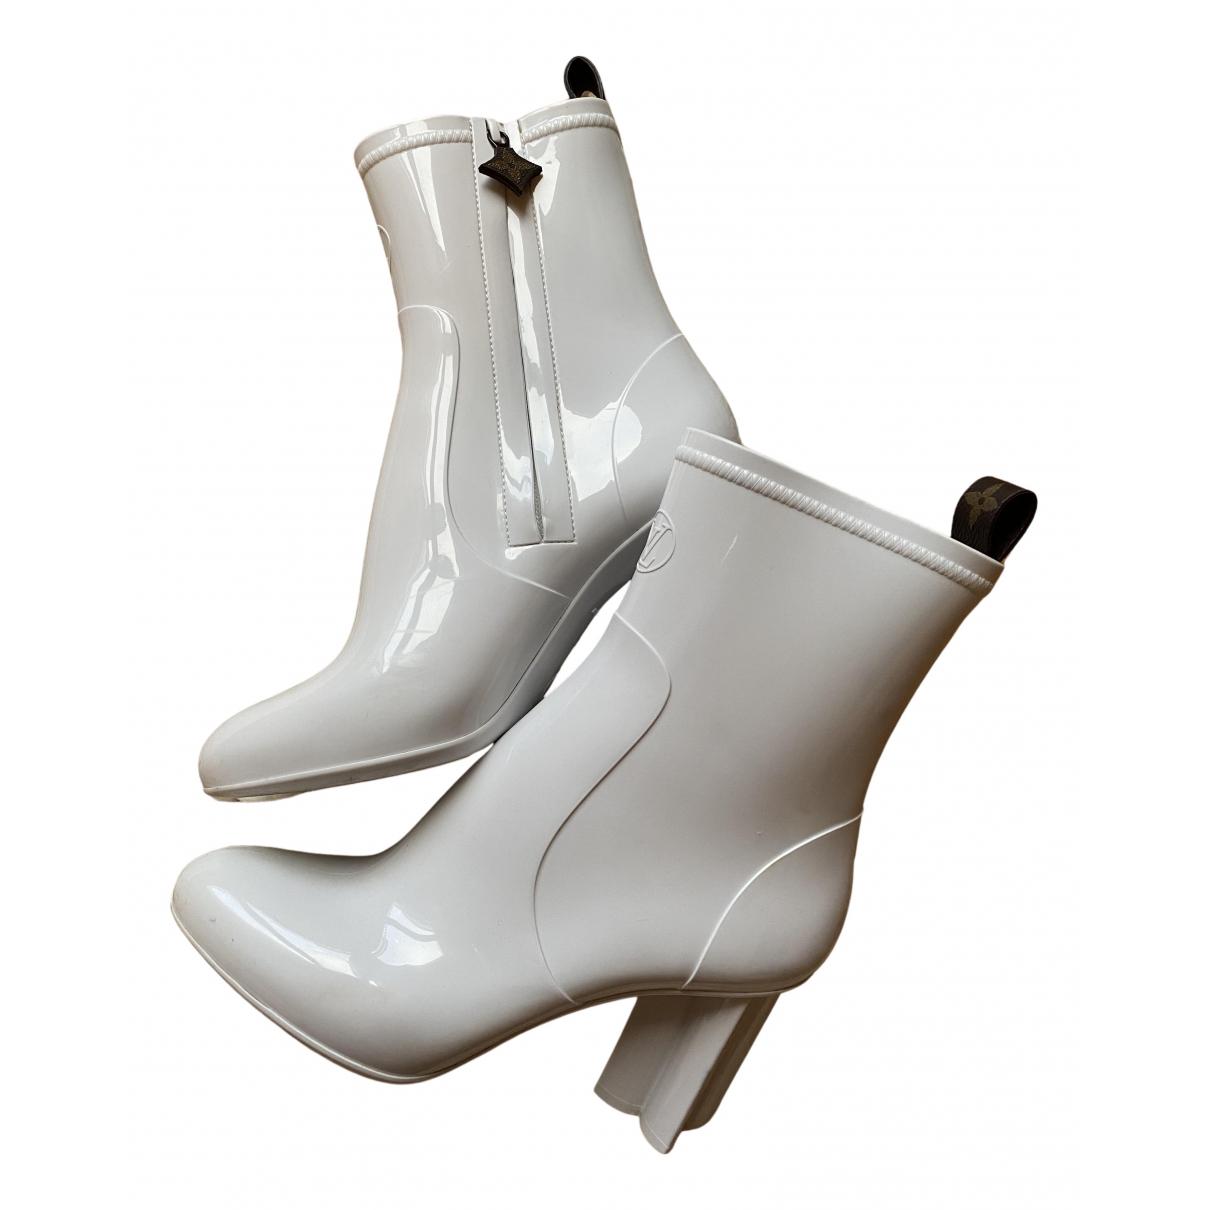 Louis Vuitton - Boots Silhouette pour femme - blanc